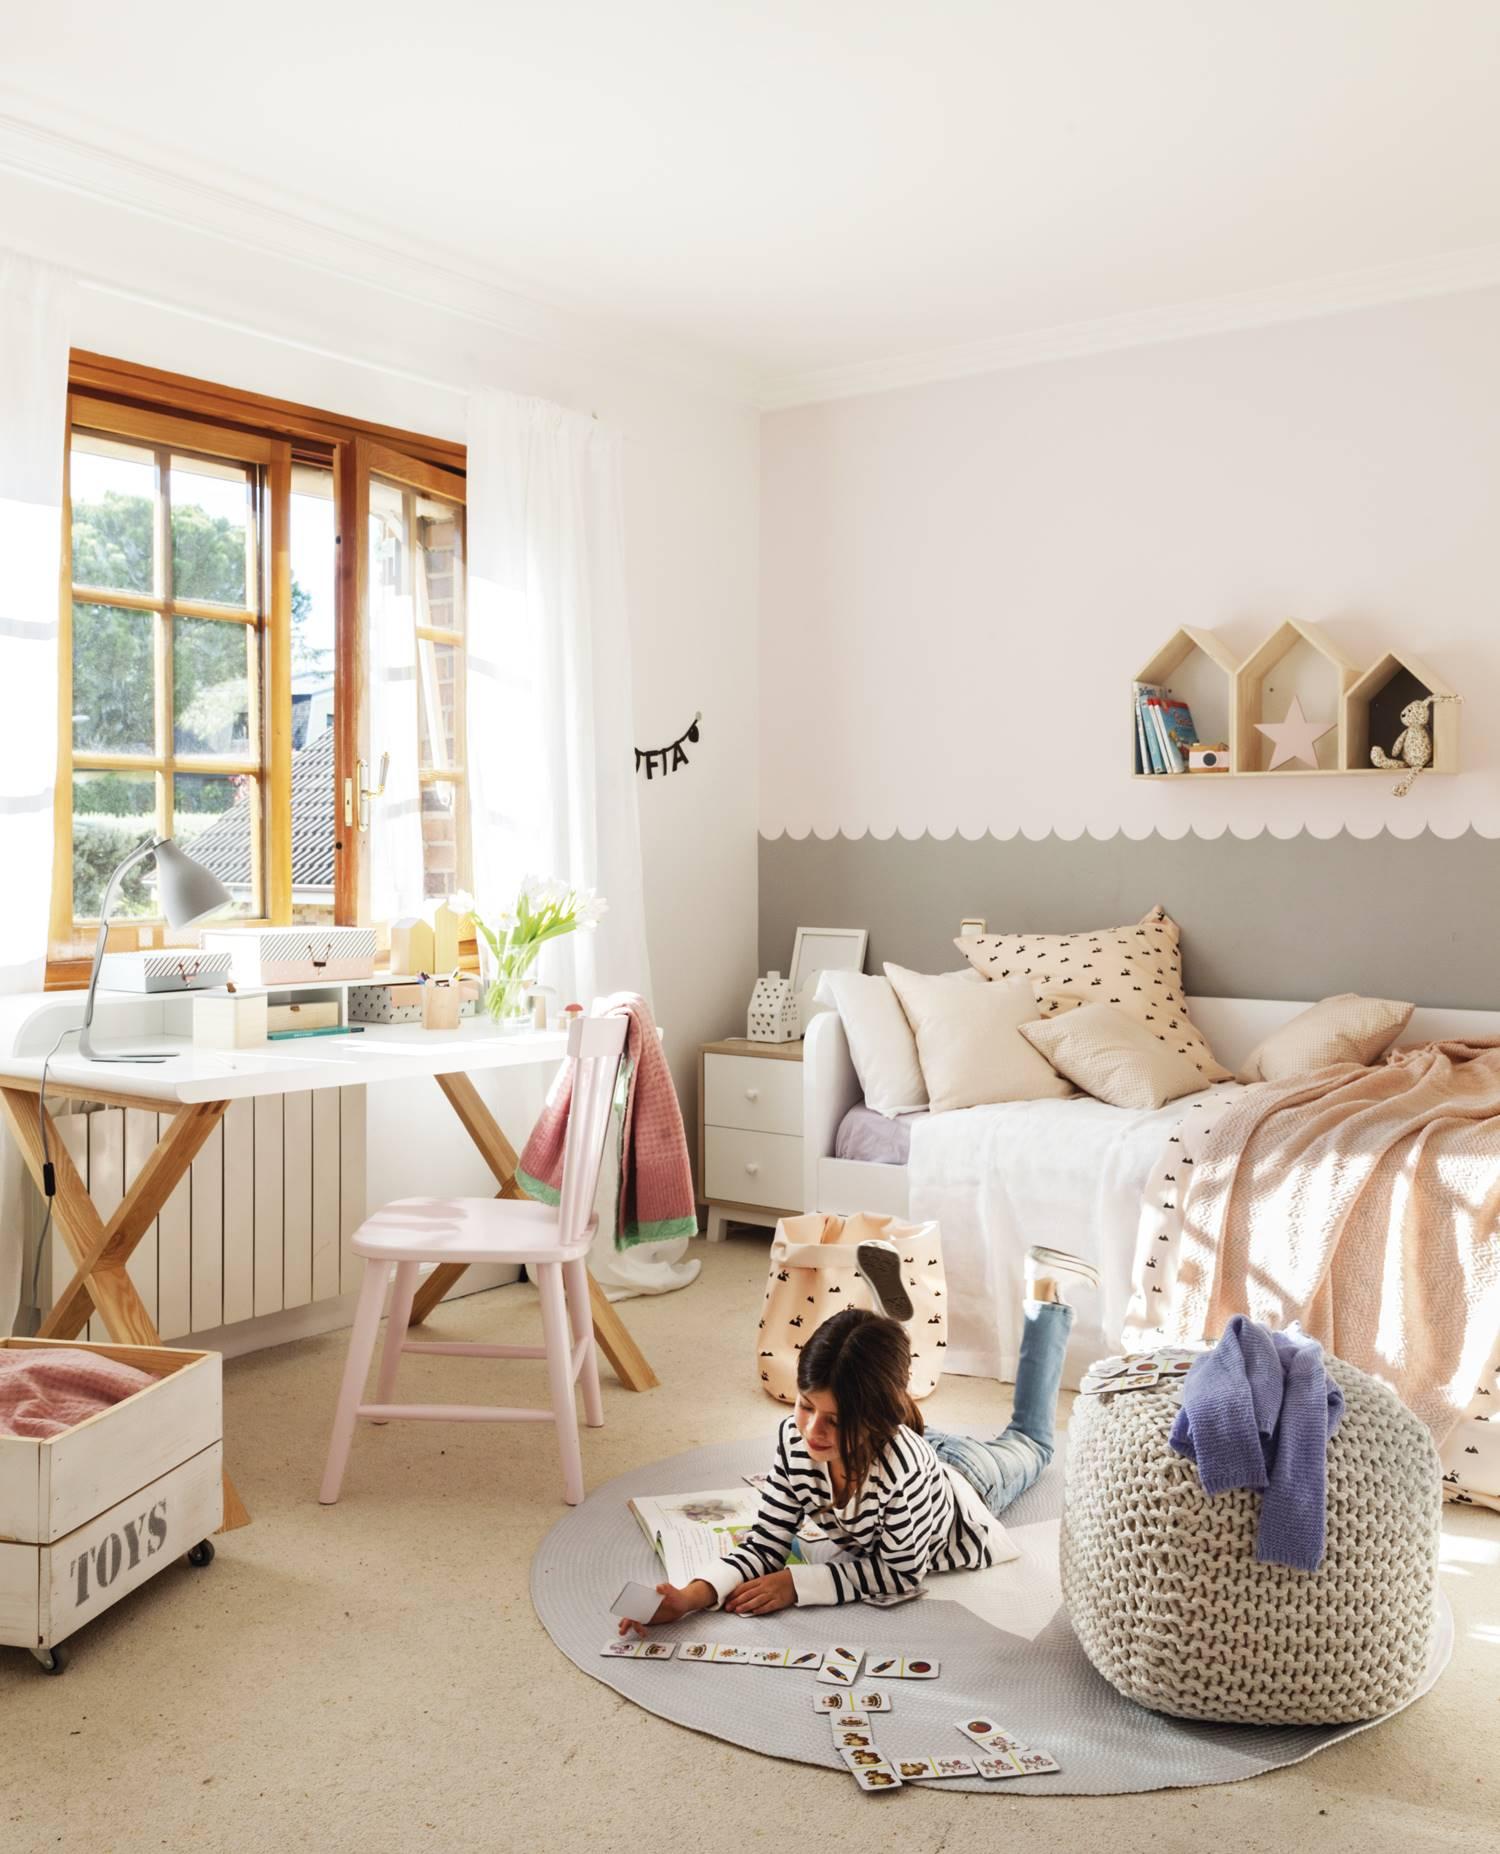 La revista el mueble de septiembre ya est aqu - El mueble habitaciones juveniles ...